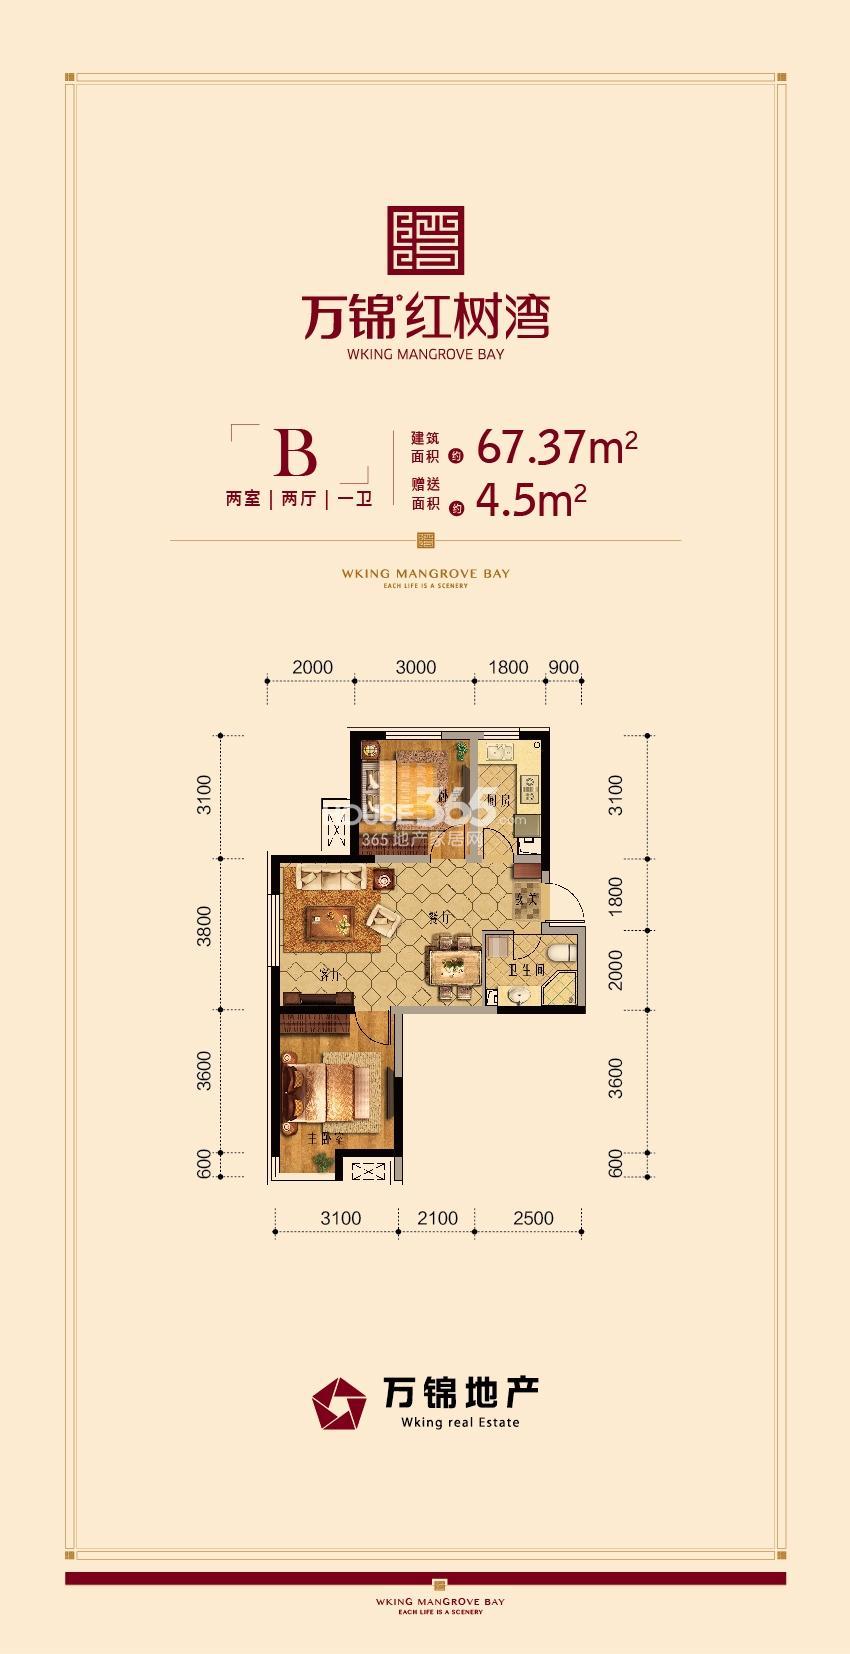 万锦红树湾两室两厅一卫67.37平米